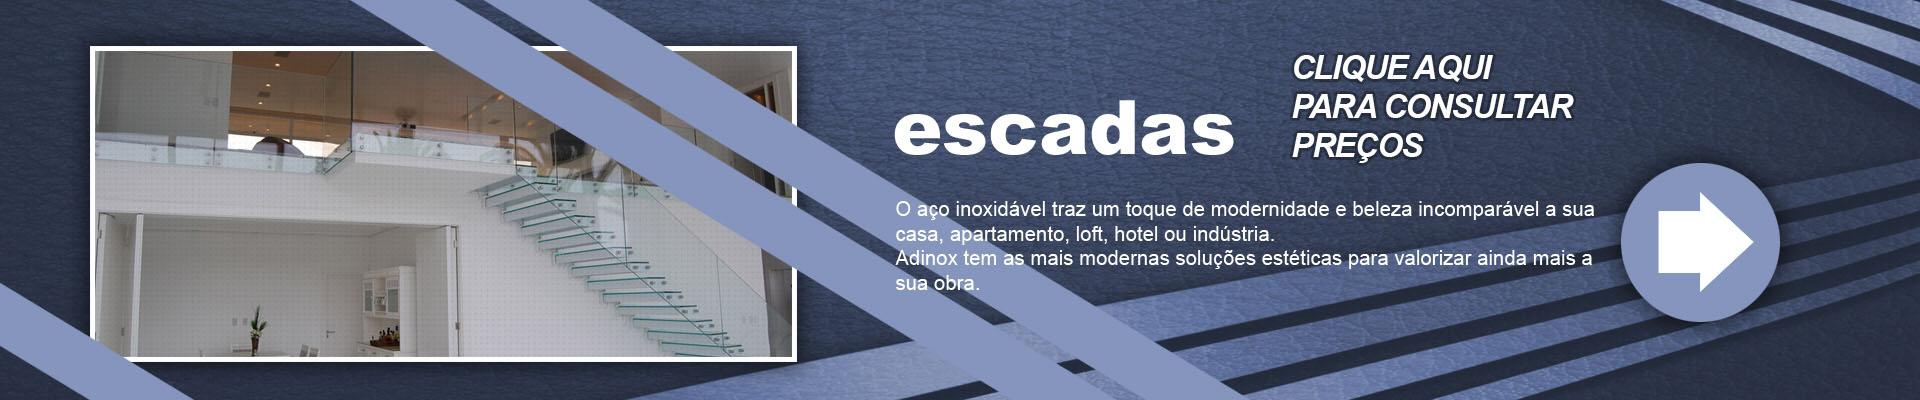 ducha-em-aco-inox-adinox-banner2